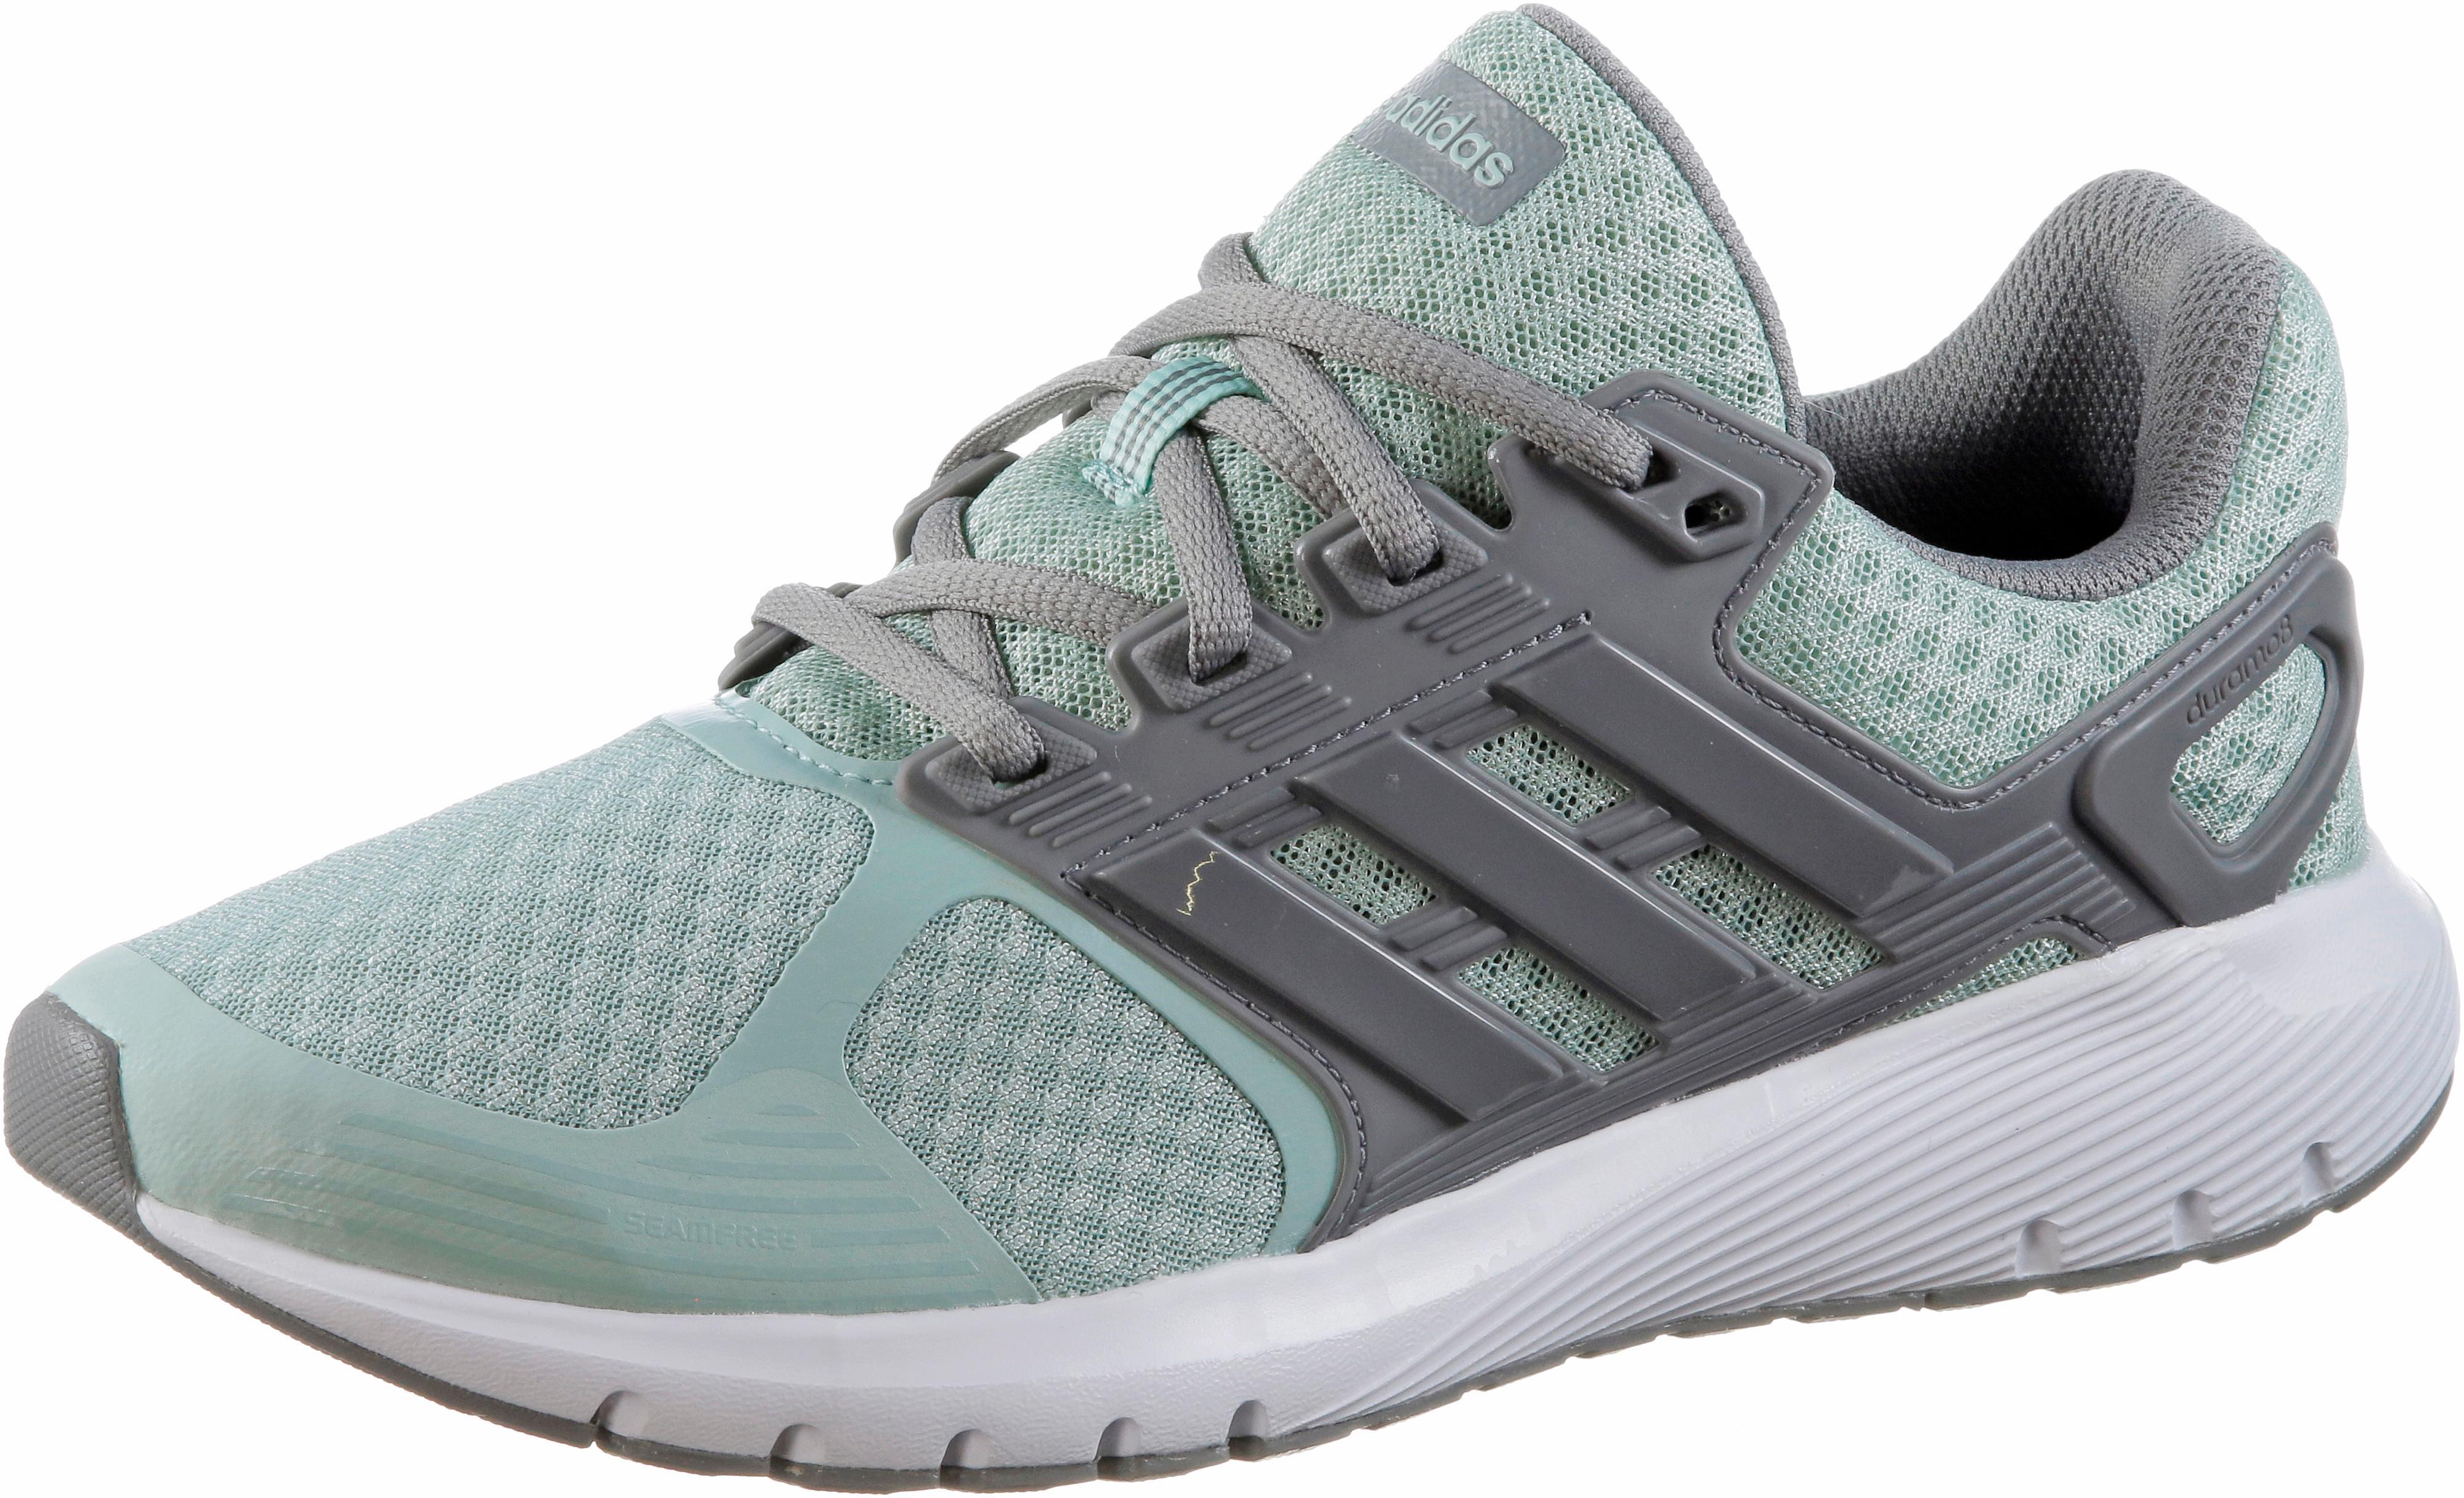 finest selection f8d2e 7680f Adidas duramo 8 Laufschuhe Damen ash-green im Online Shop von SportScheck  kaufen